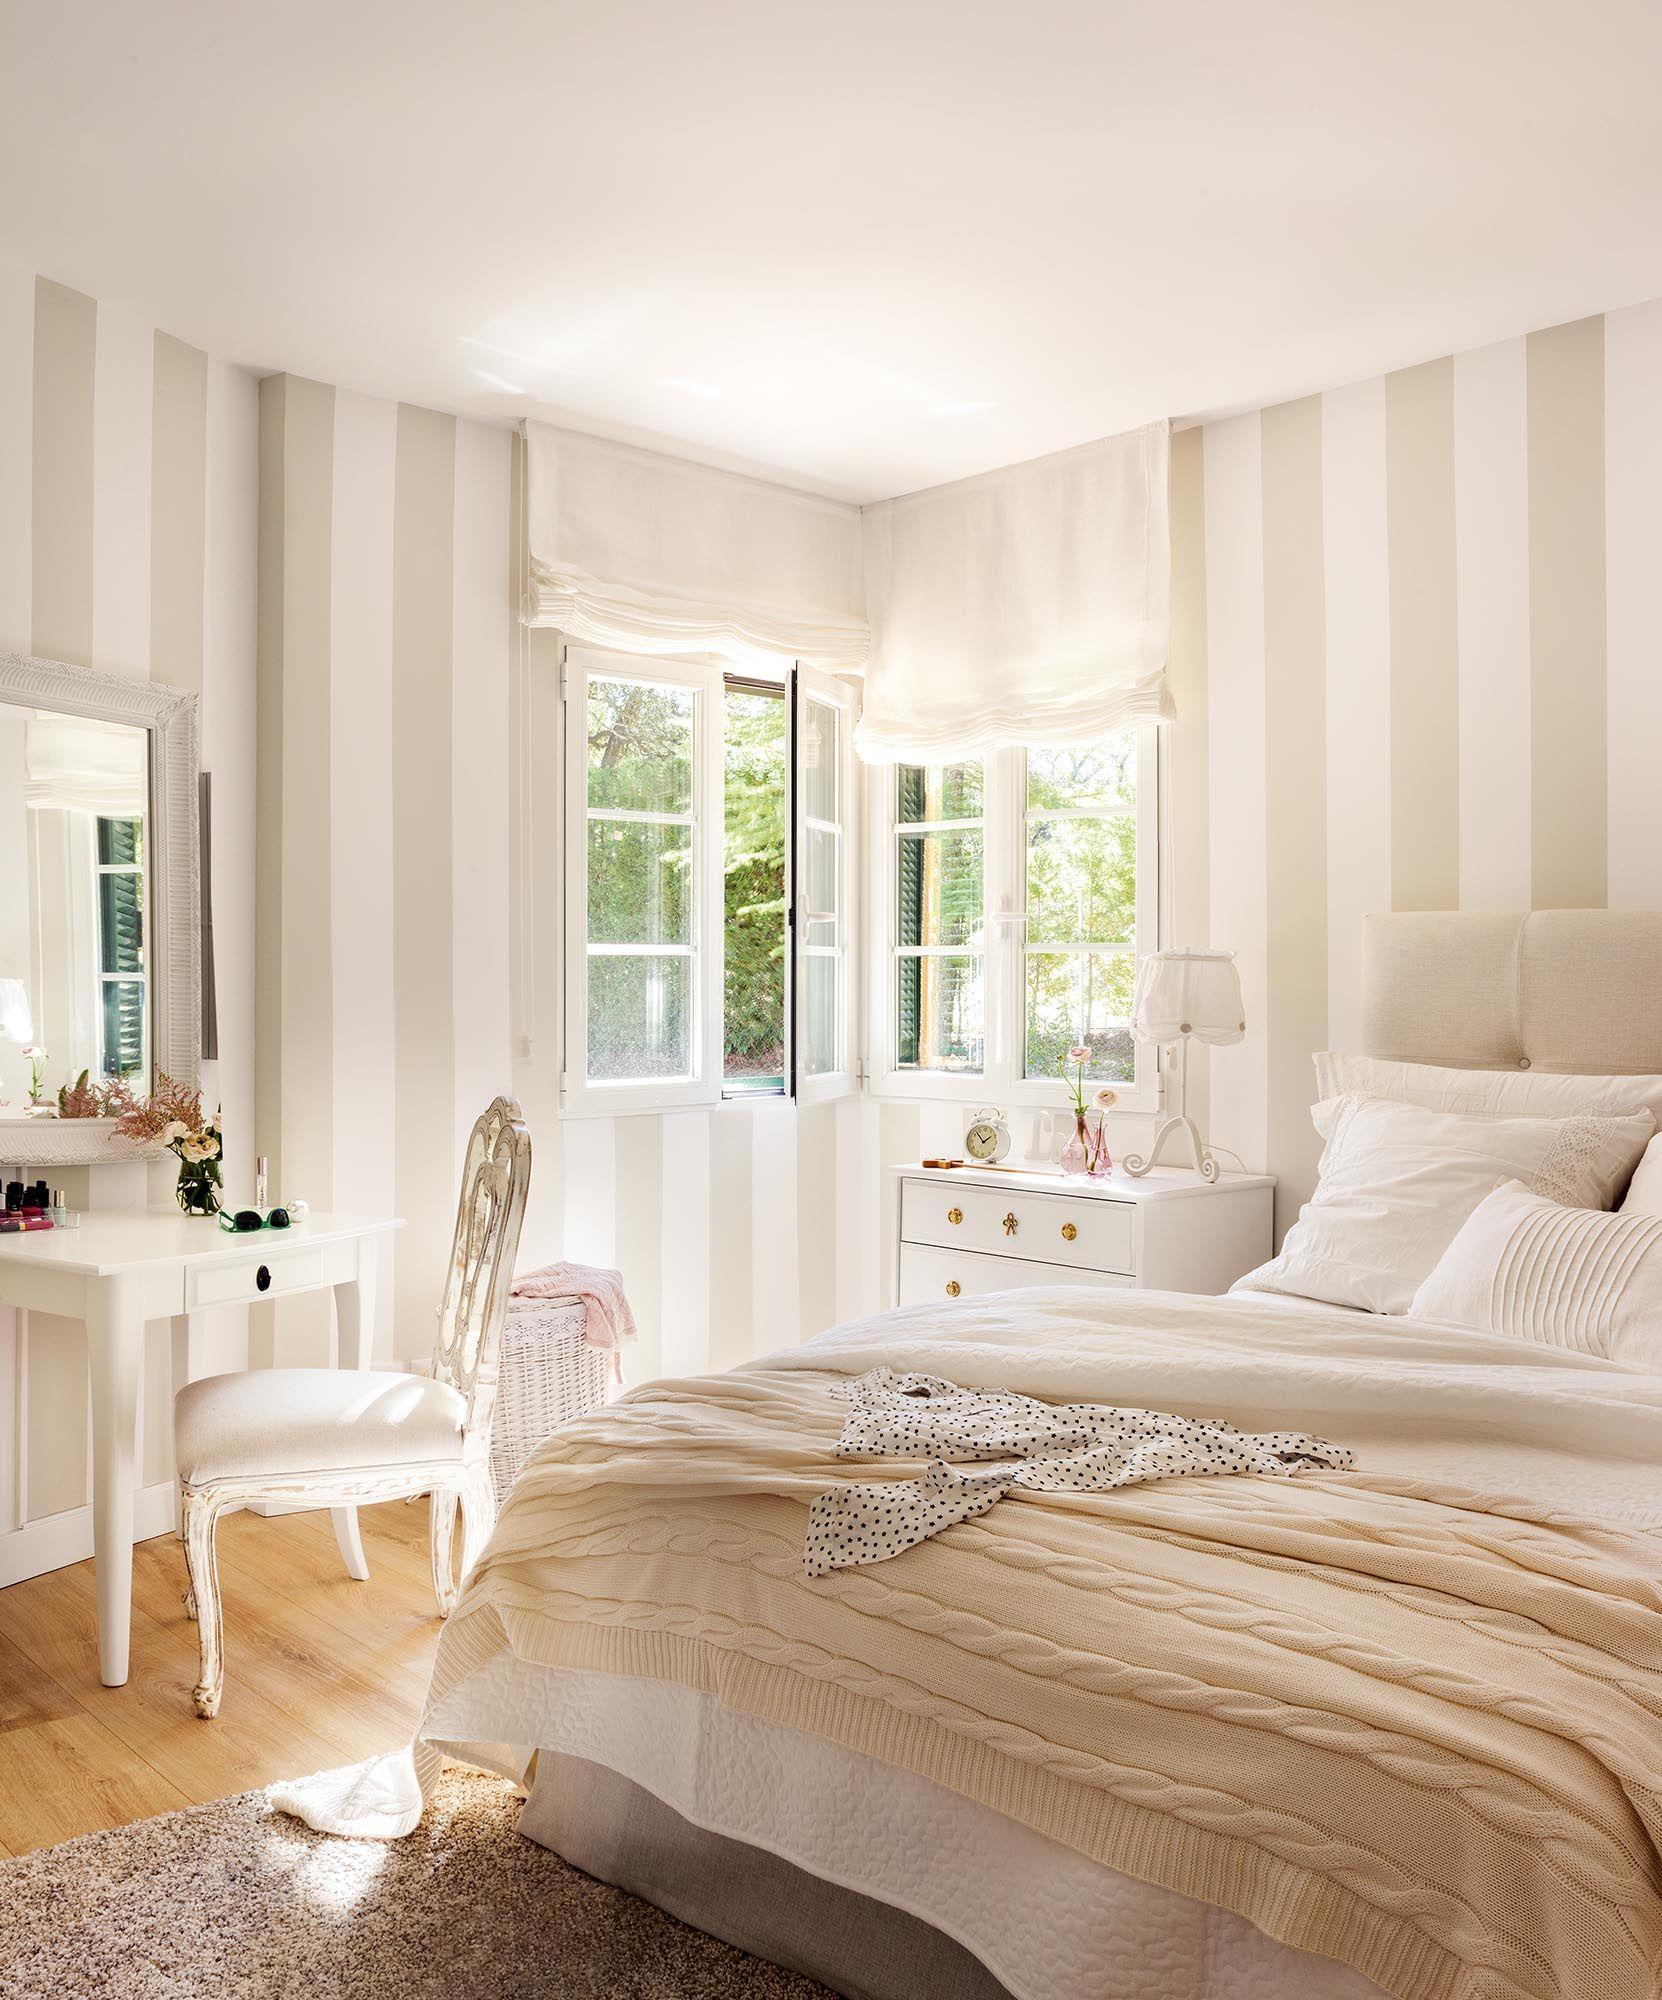 Dormitorio Cl Sico En Blanco Con Paredes Con Papel Pintado A Rayas  ~ Habitaciones Juveniles Con Papel Pintado